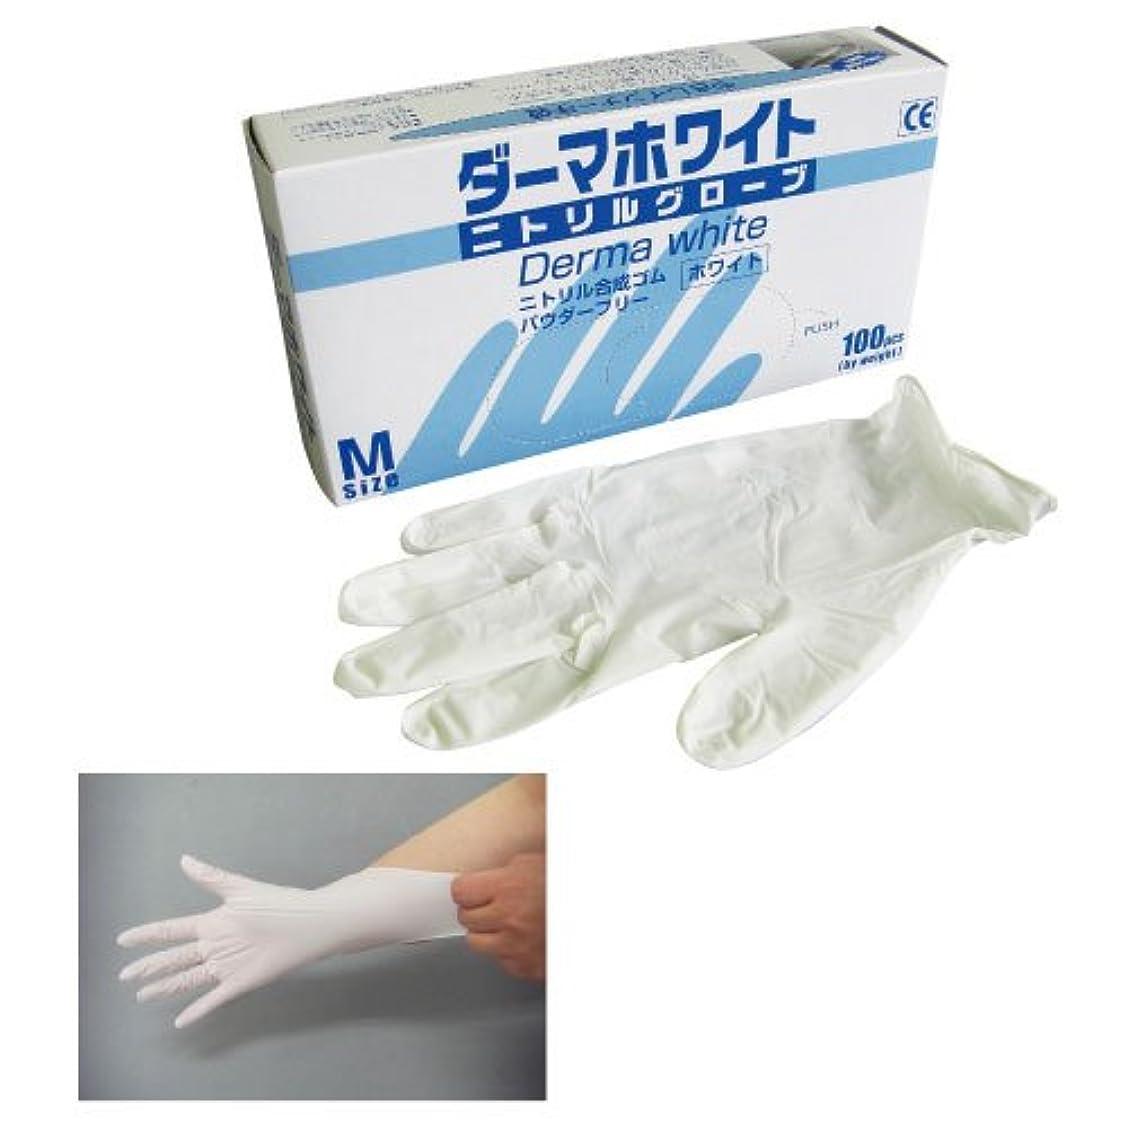 ごちそうかもめ寺院ダーマホワイト ニトリル手袋PF ?????????????????PF(23-3770-02)GN01(M)100??